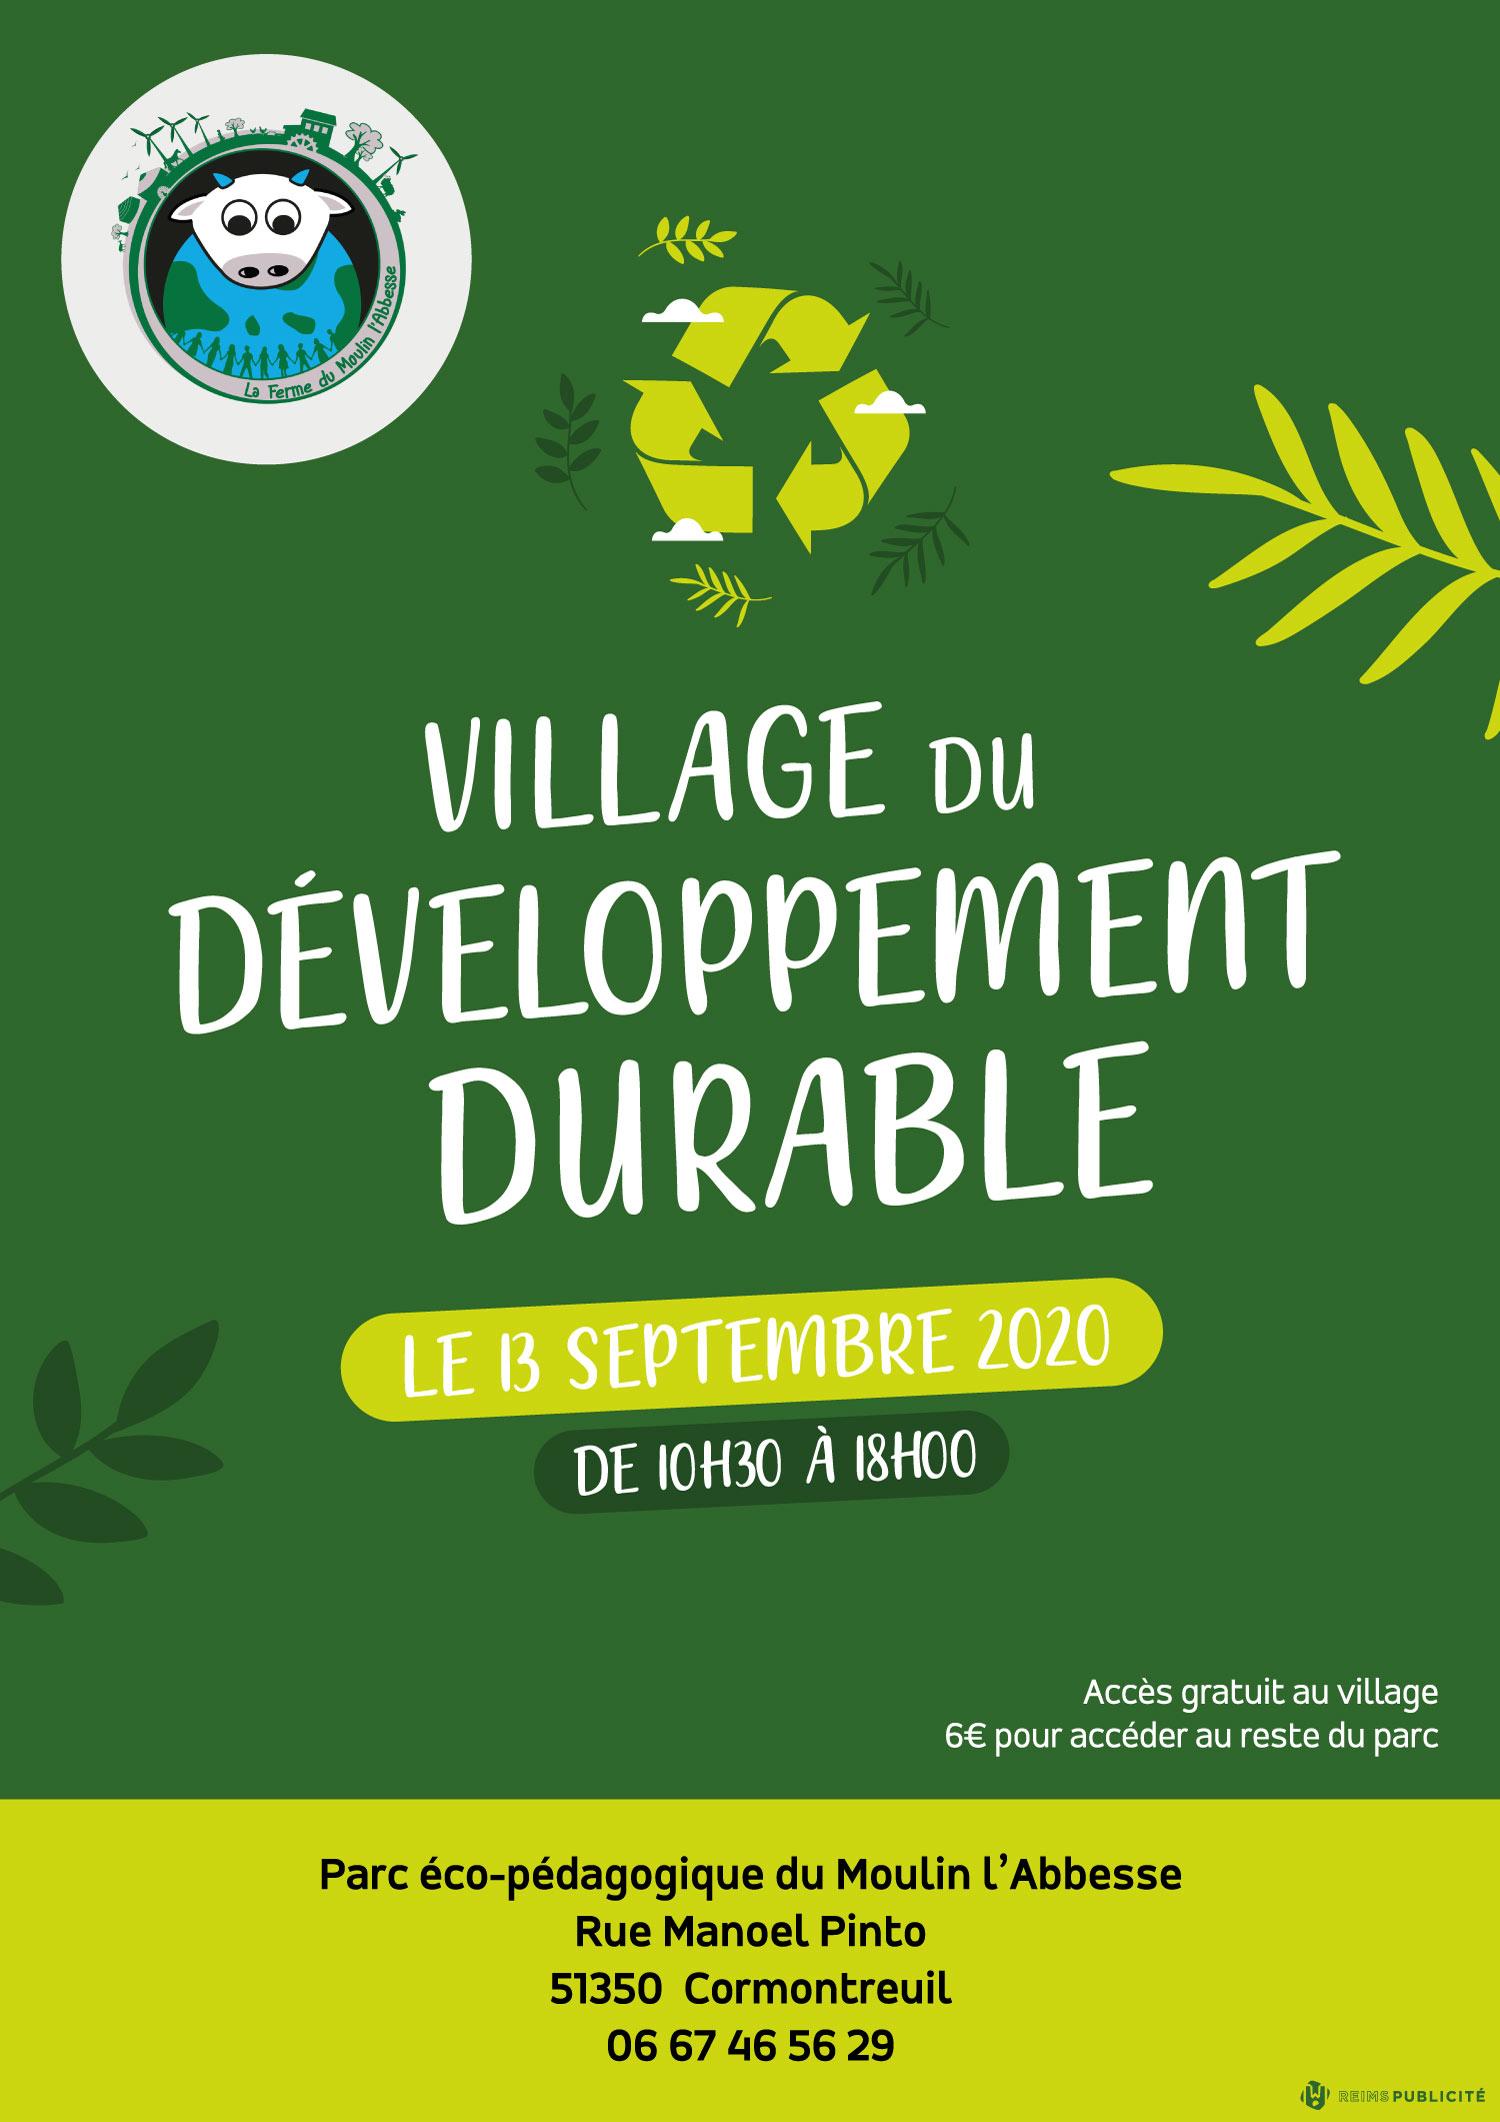 village du developpement durable